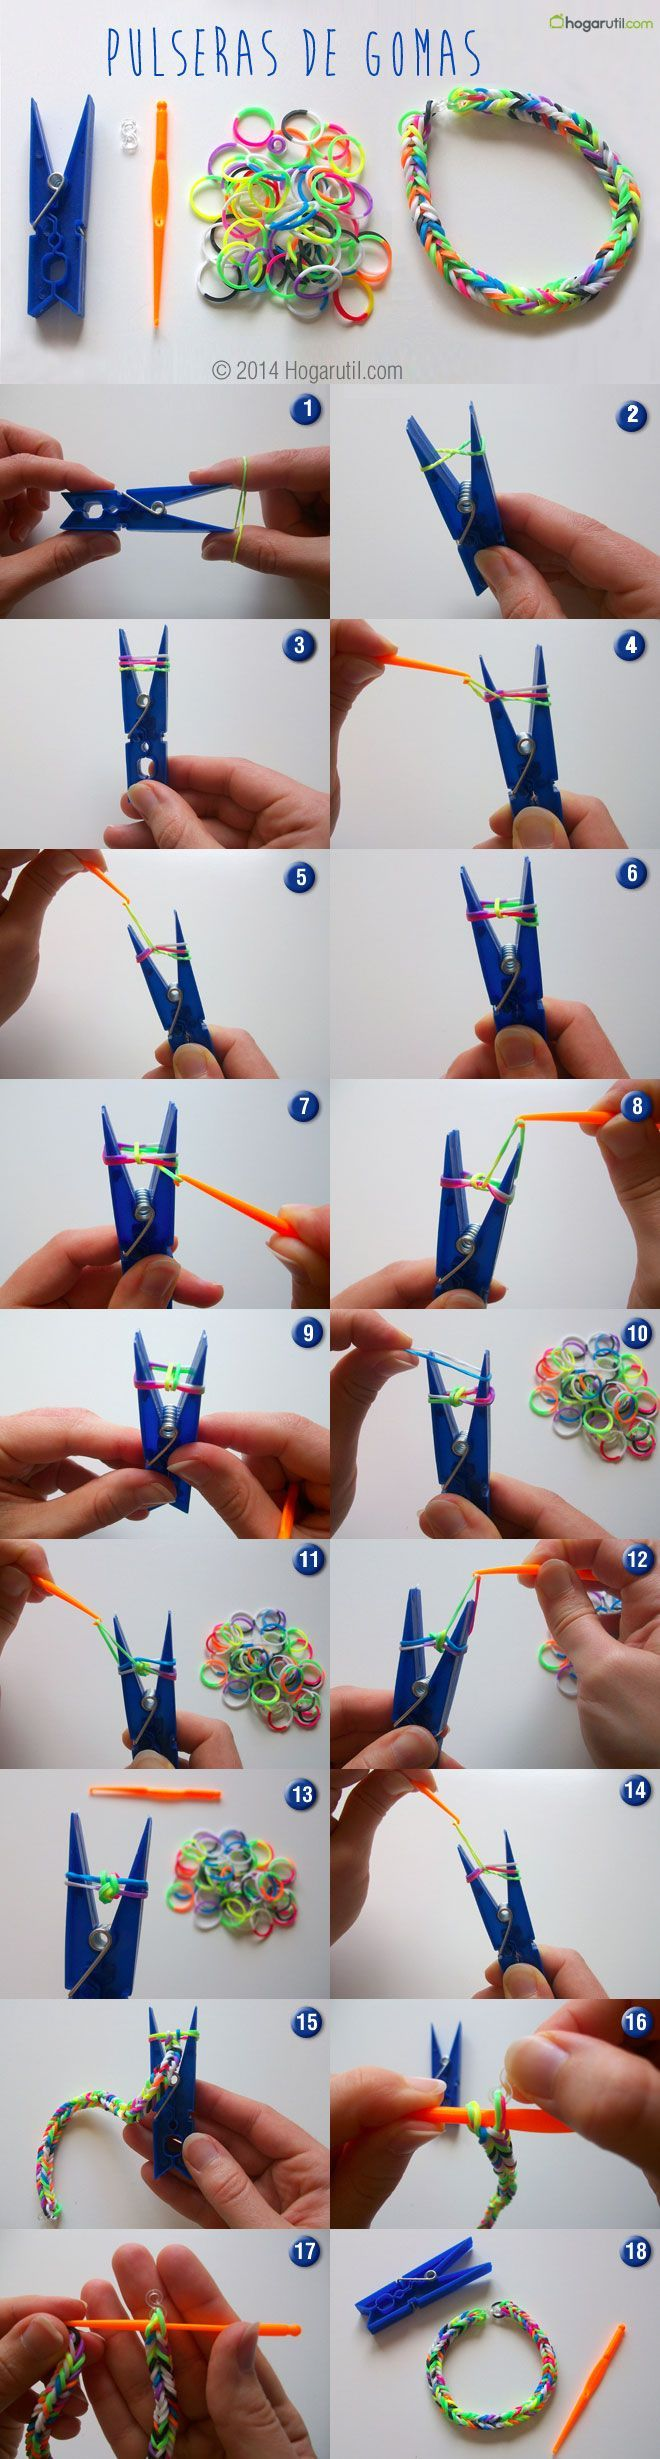 como hacer pulseras de goma de colores